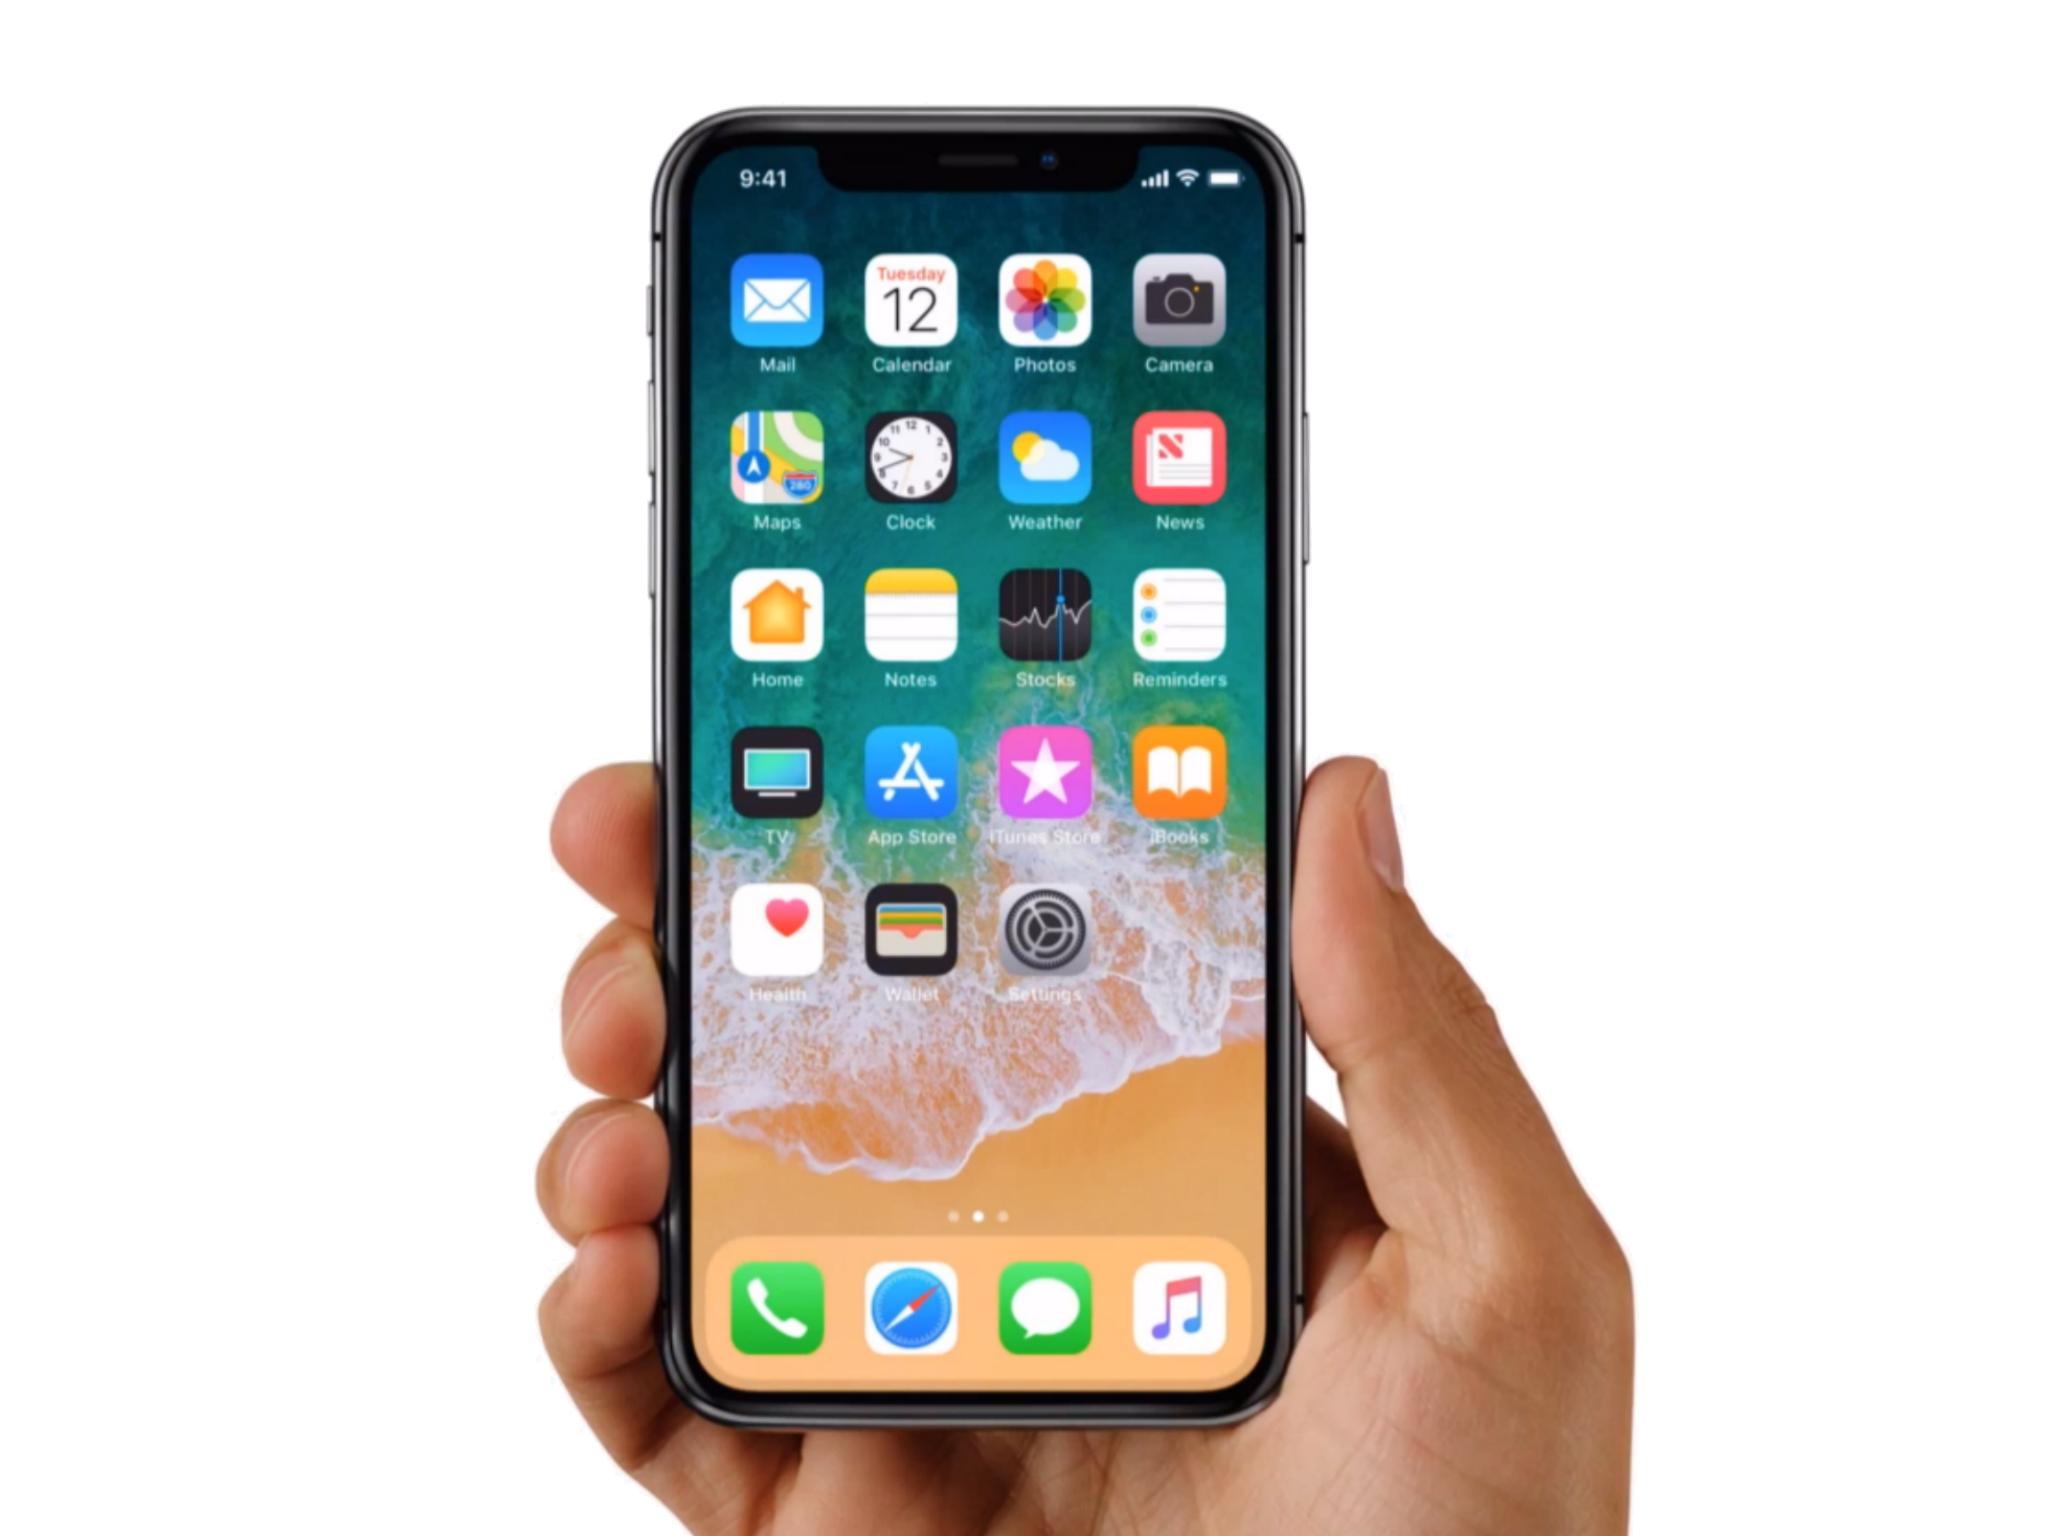 Apple iPhone X in Hands